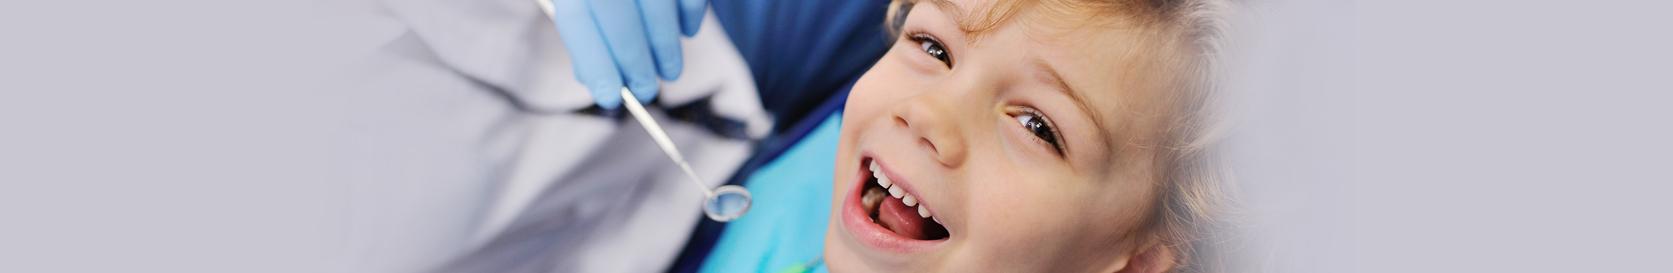 Boy gets dental exam